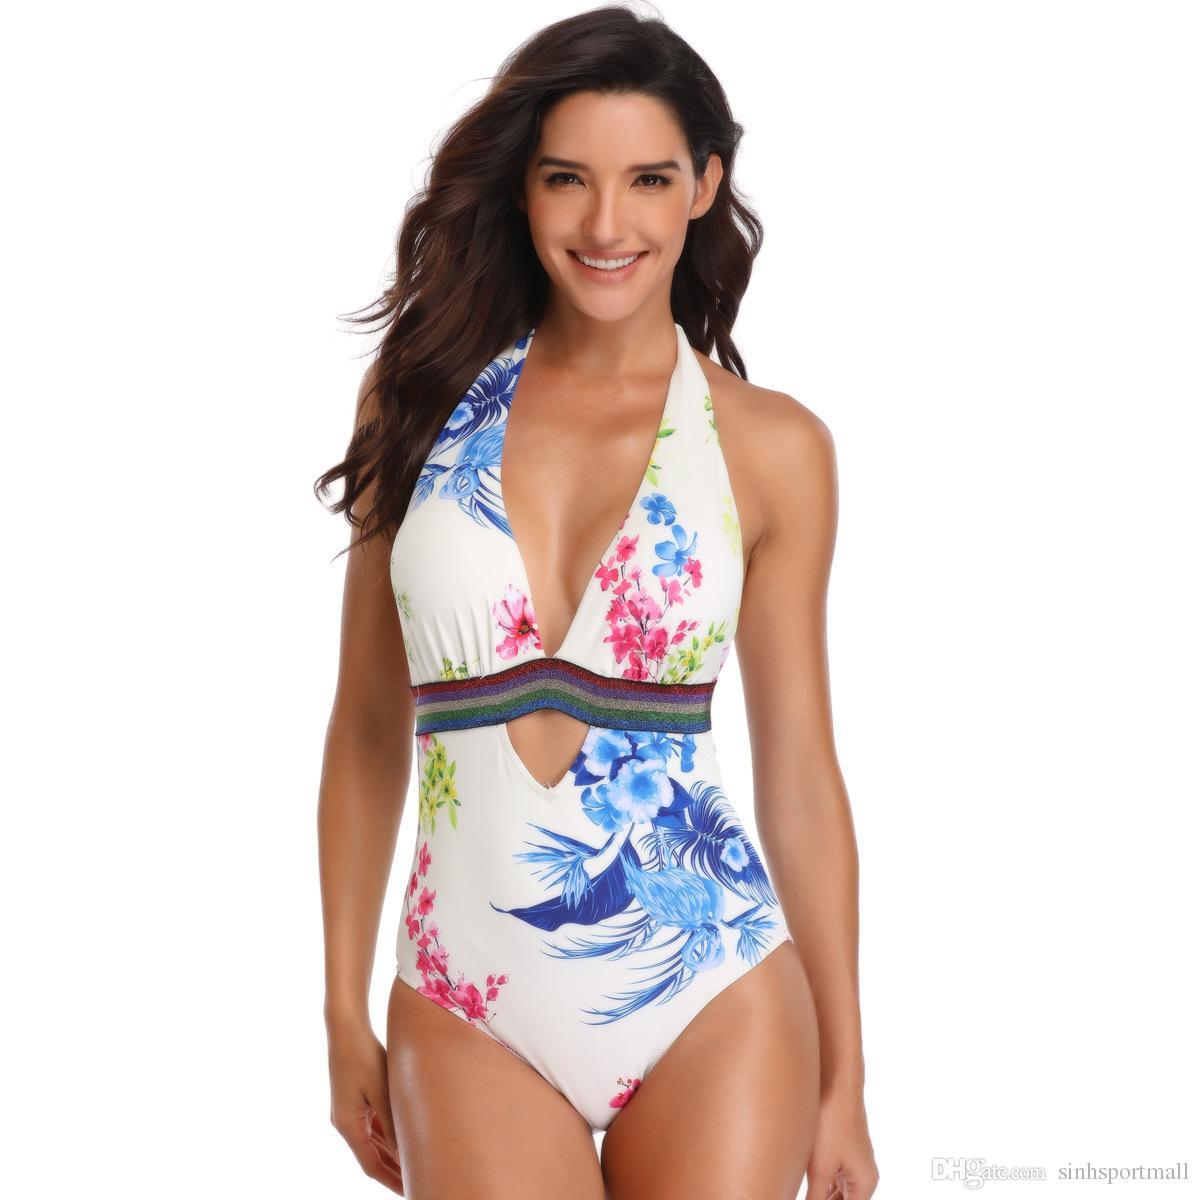 ملابس السباحة قابل للتعديل 2019 المرأة المايوه قطعة واحدة النمط الصيني المطبوعة الصيف ثوب السباحة مع طباعة زهرة